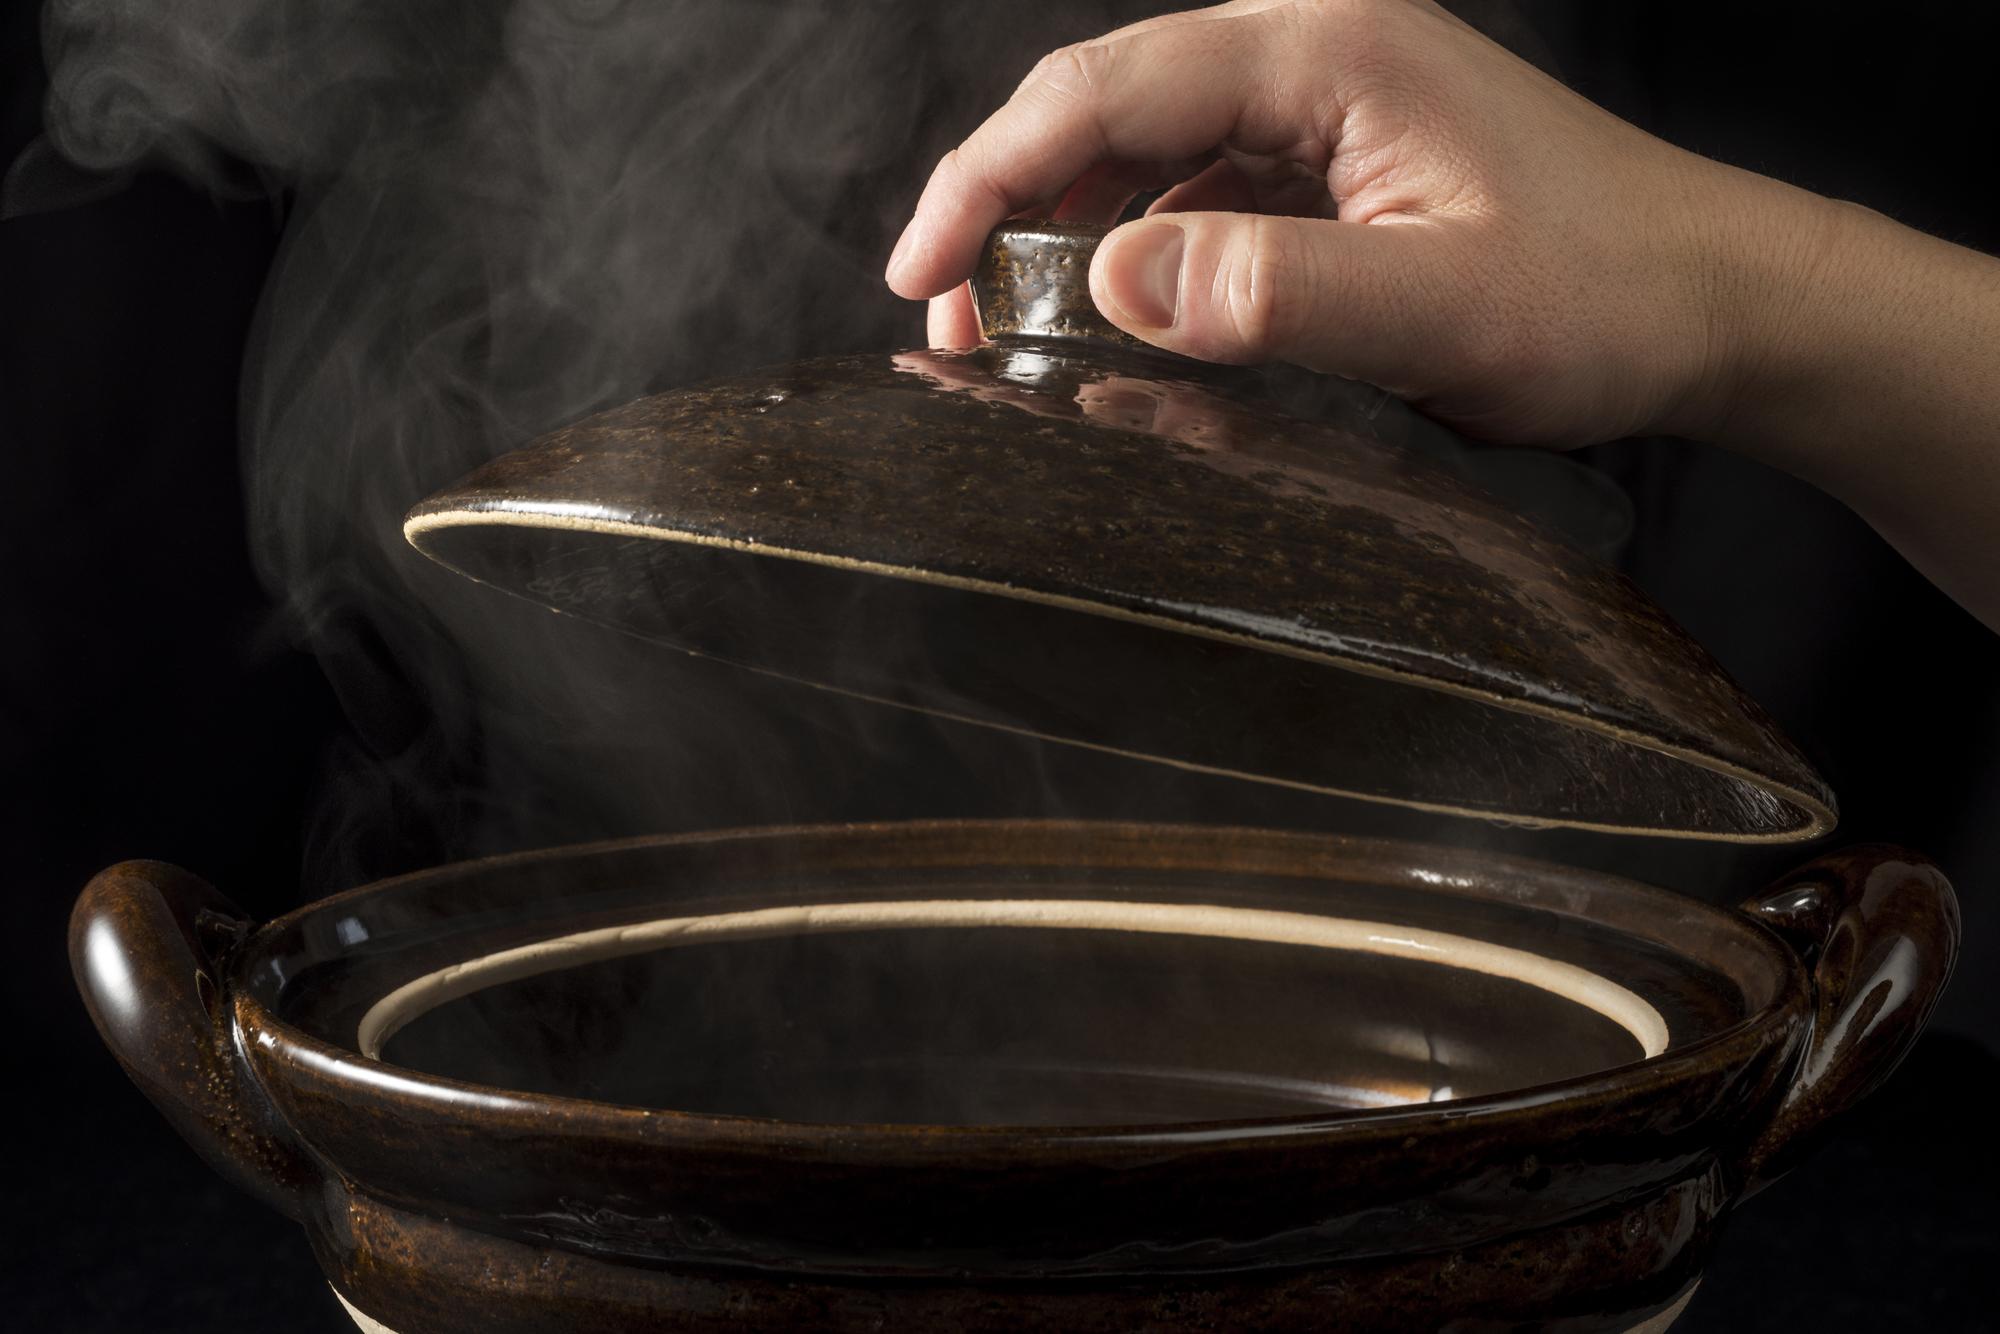 土鍋の優れた特徴